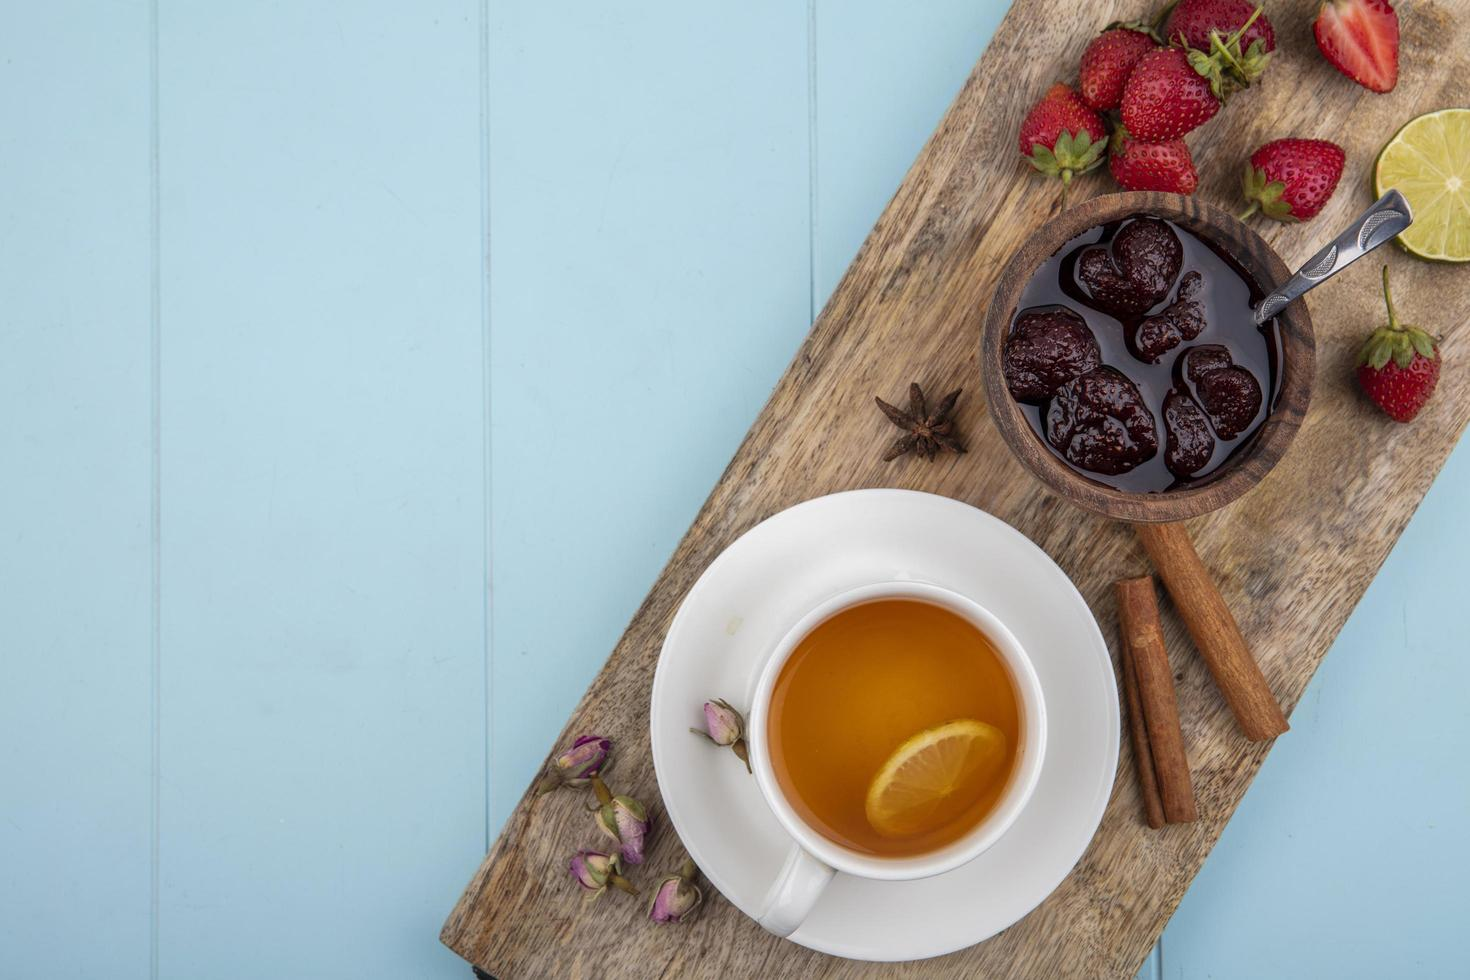 thee met bessenjam op een blauwe achtergrond met kopie ruimte foto